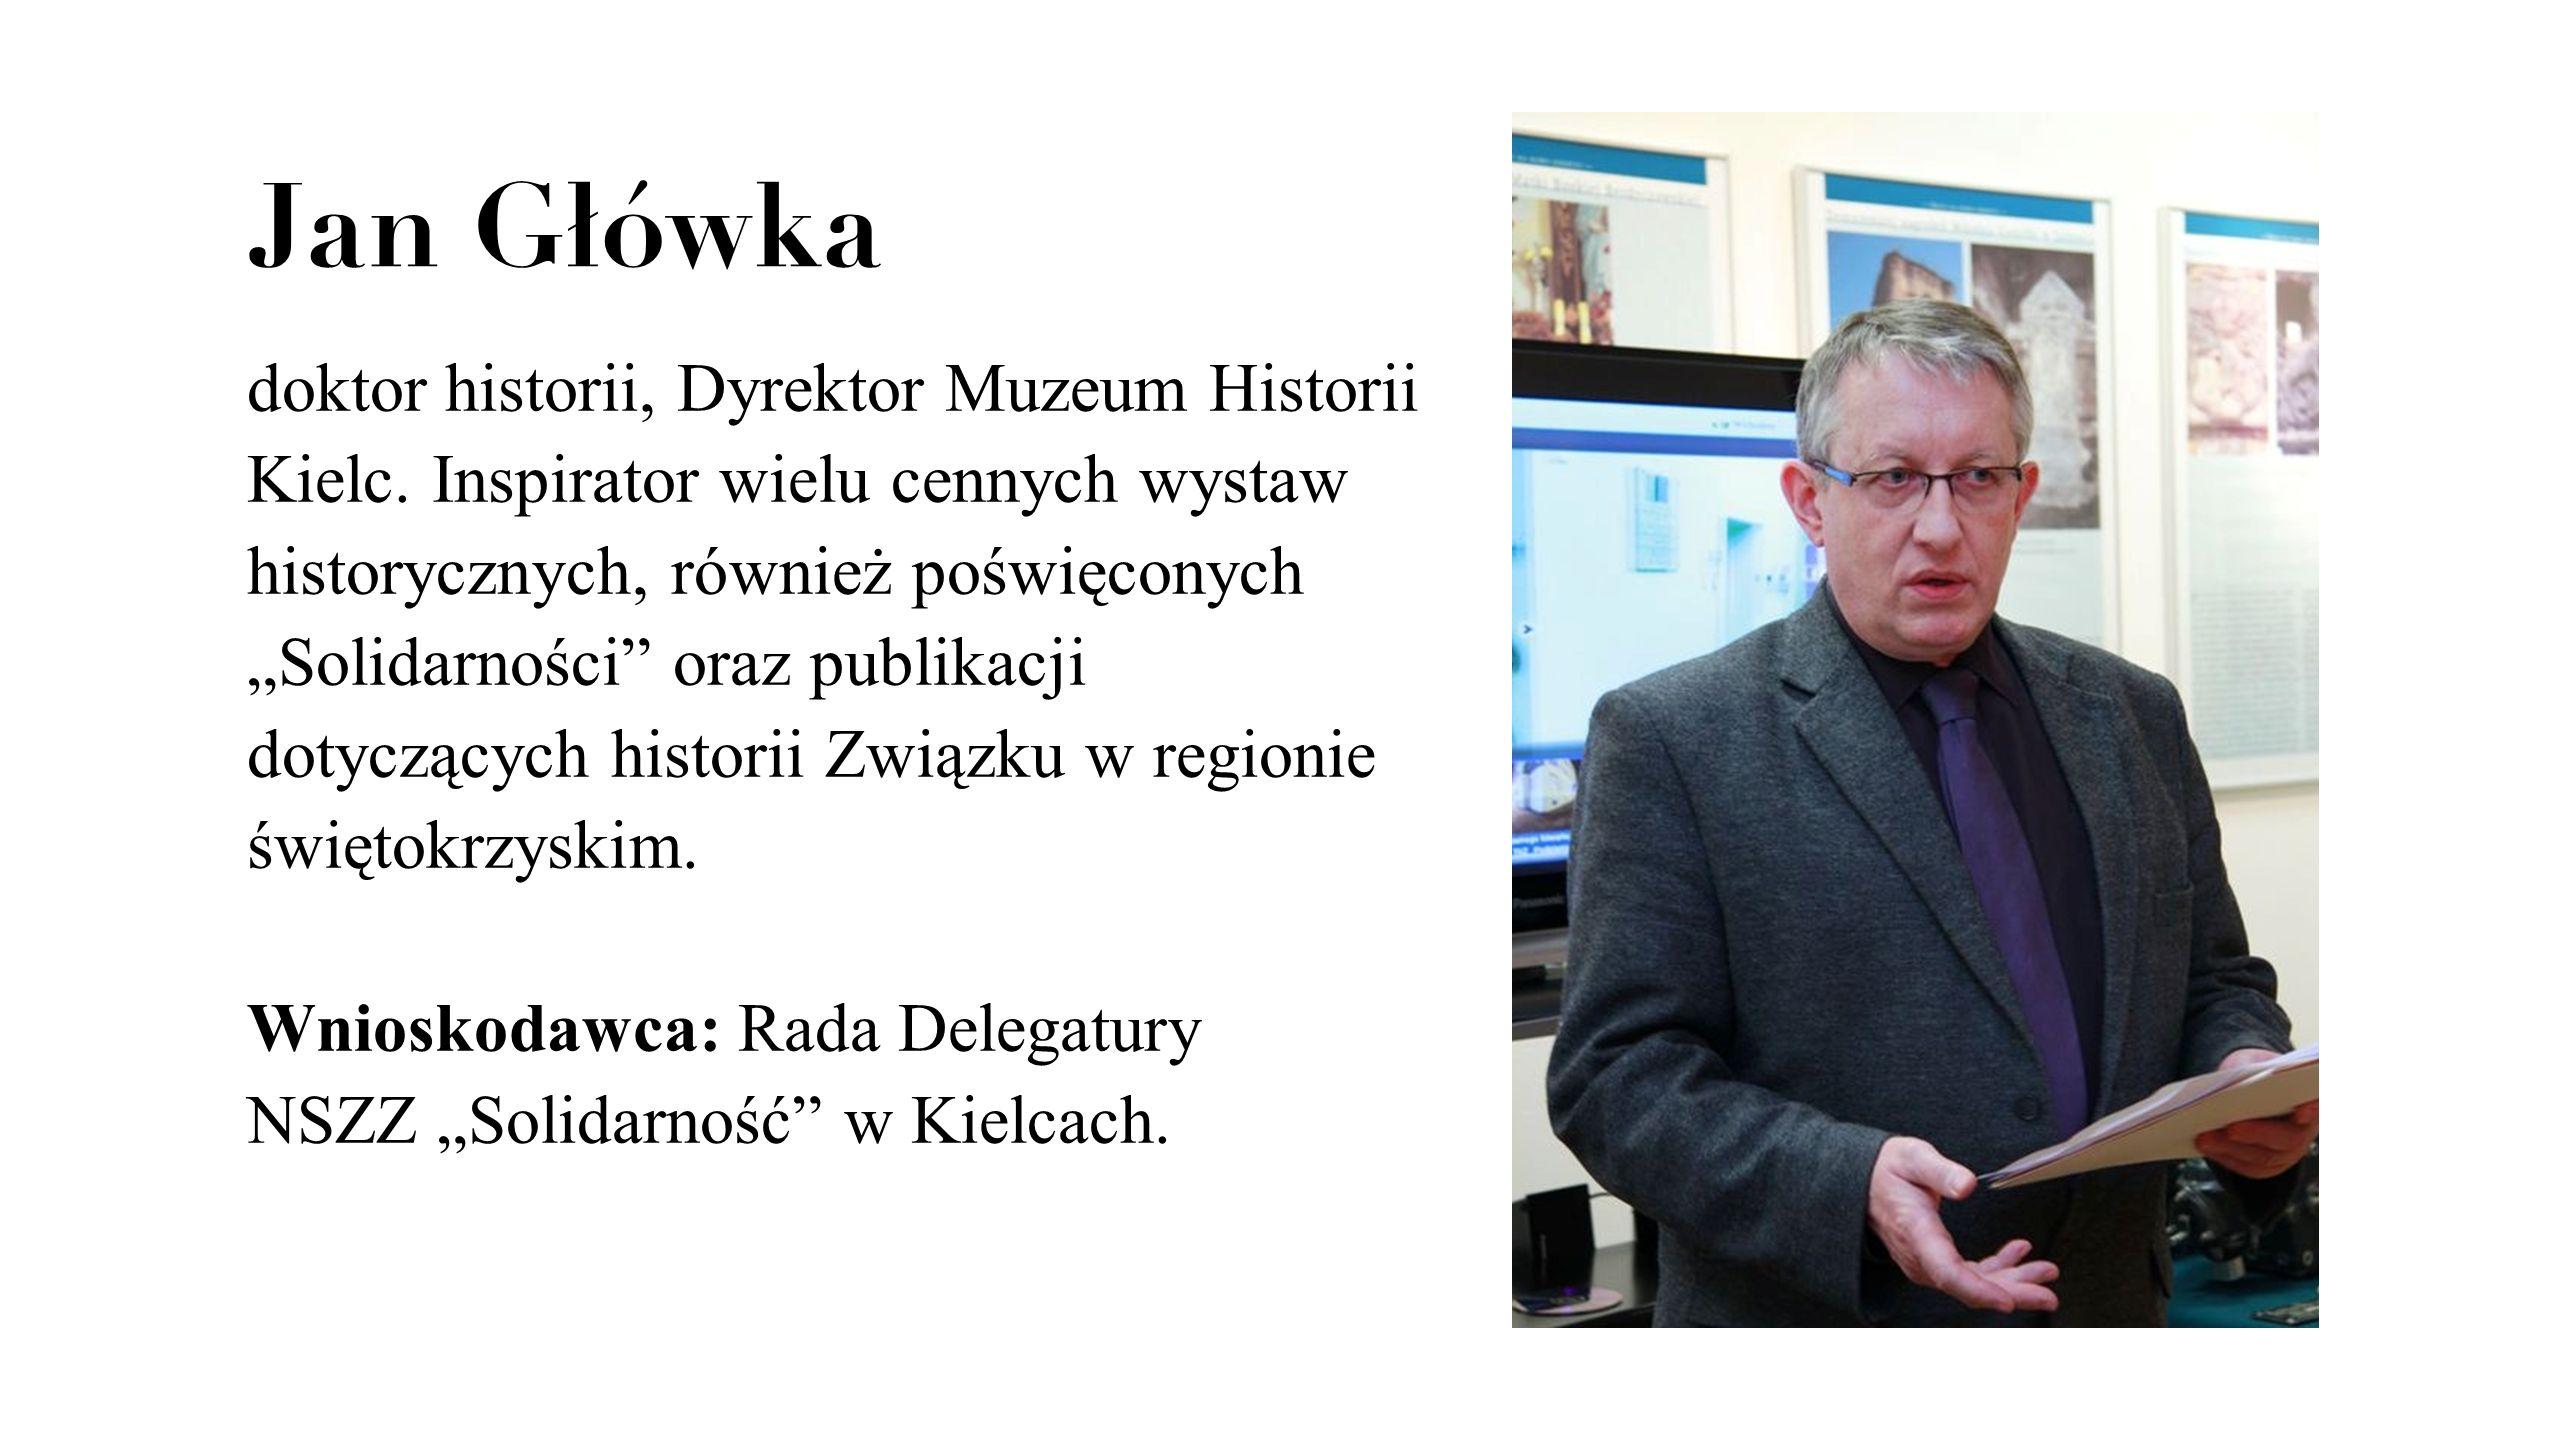 Jan Główka